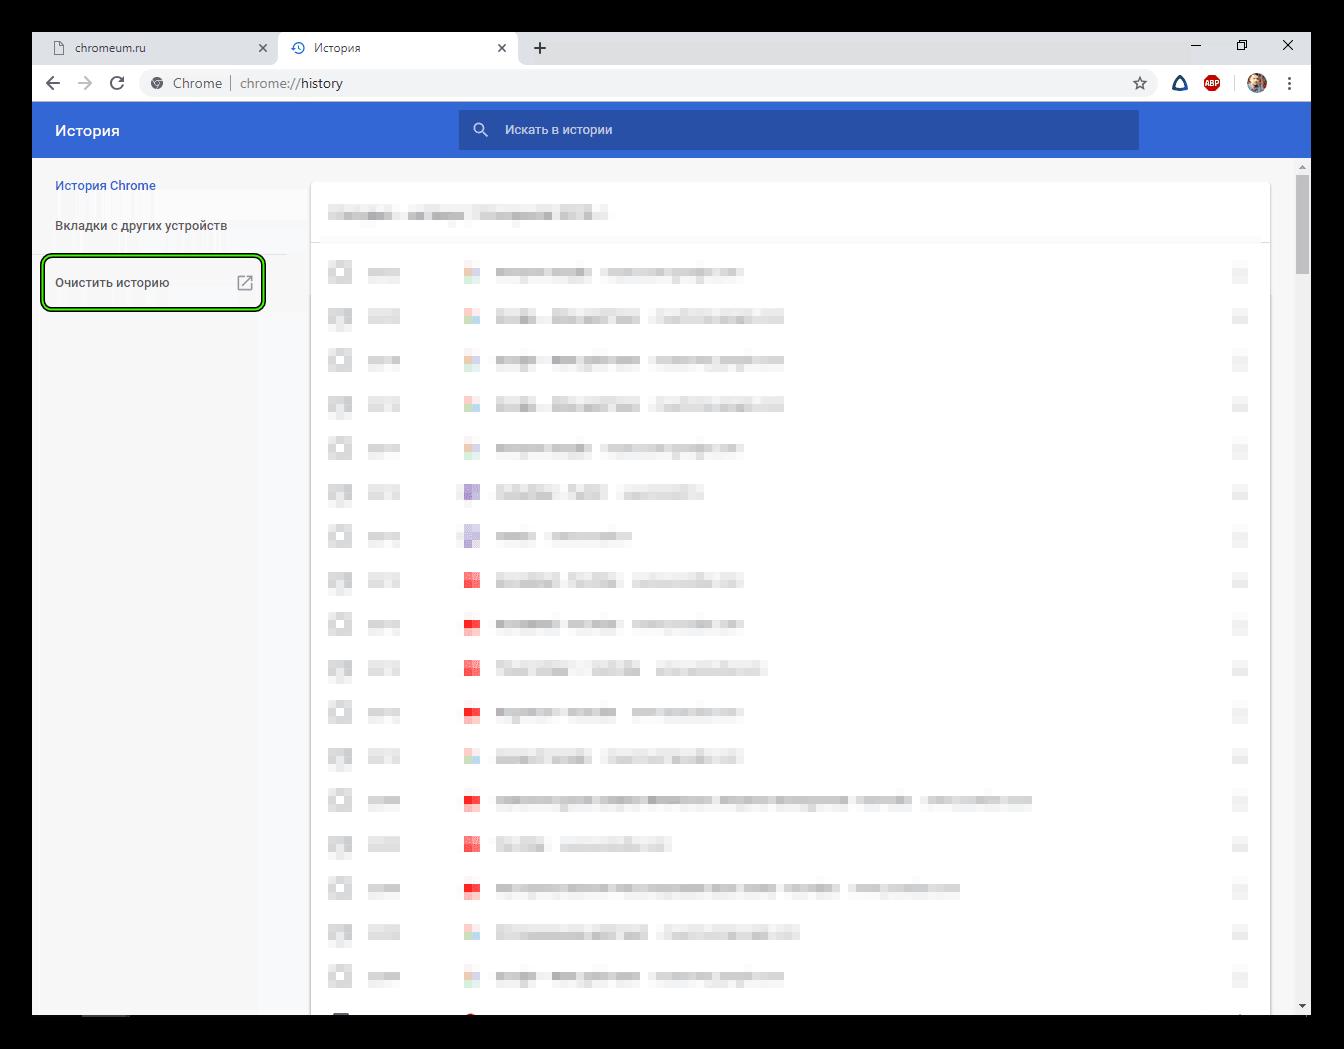 Очистить историю в обозревателе Google Chrome